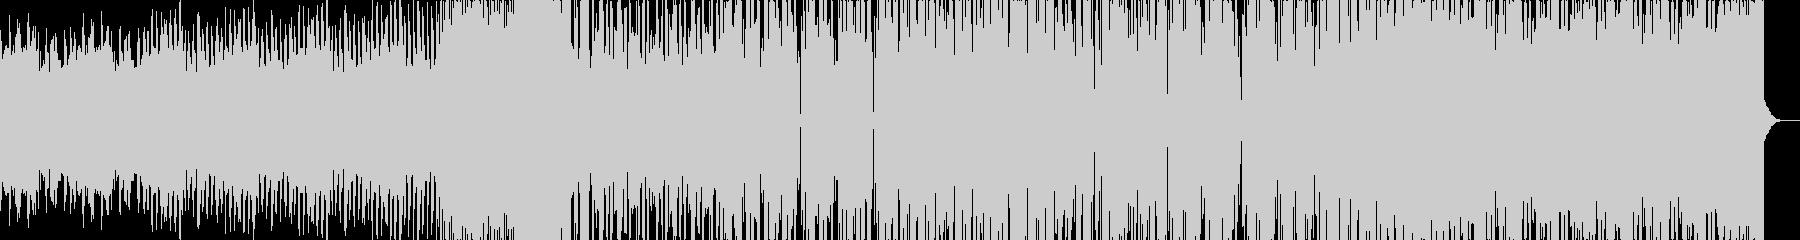 ダークで、疾走感のあるバトルシーンの未再生の波形